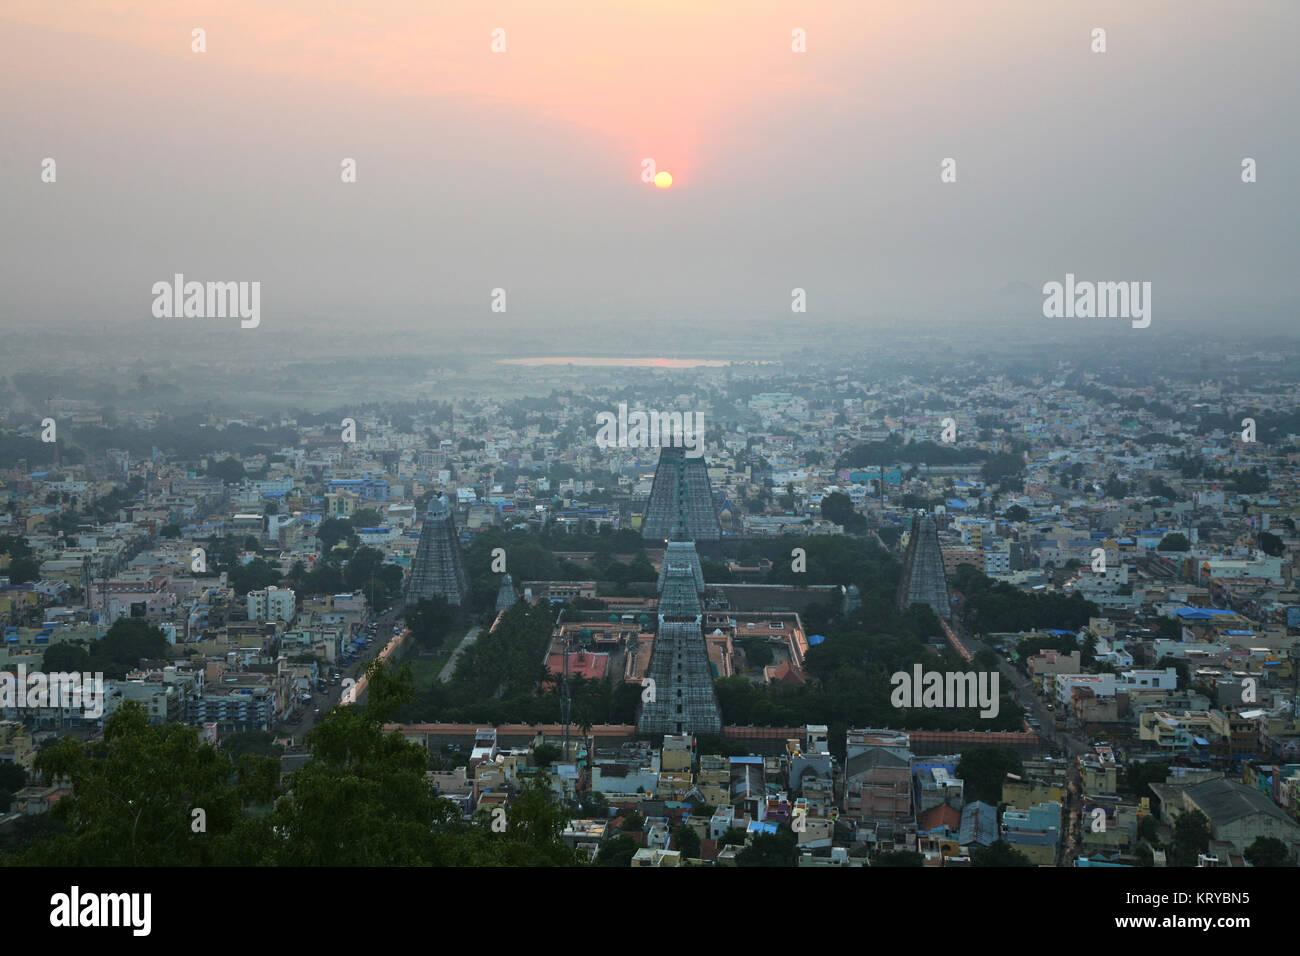 City View of Tiruvannamalai - Stock Image